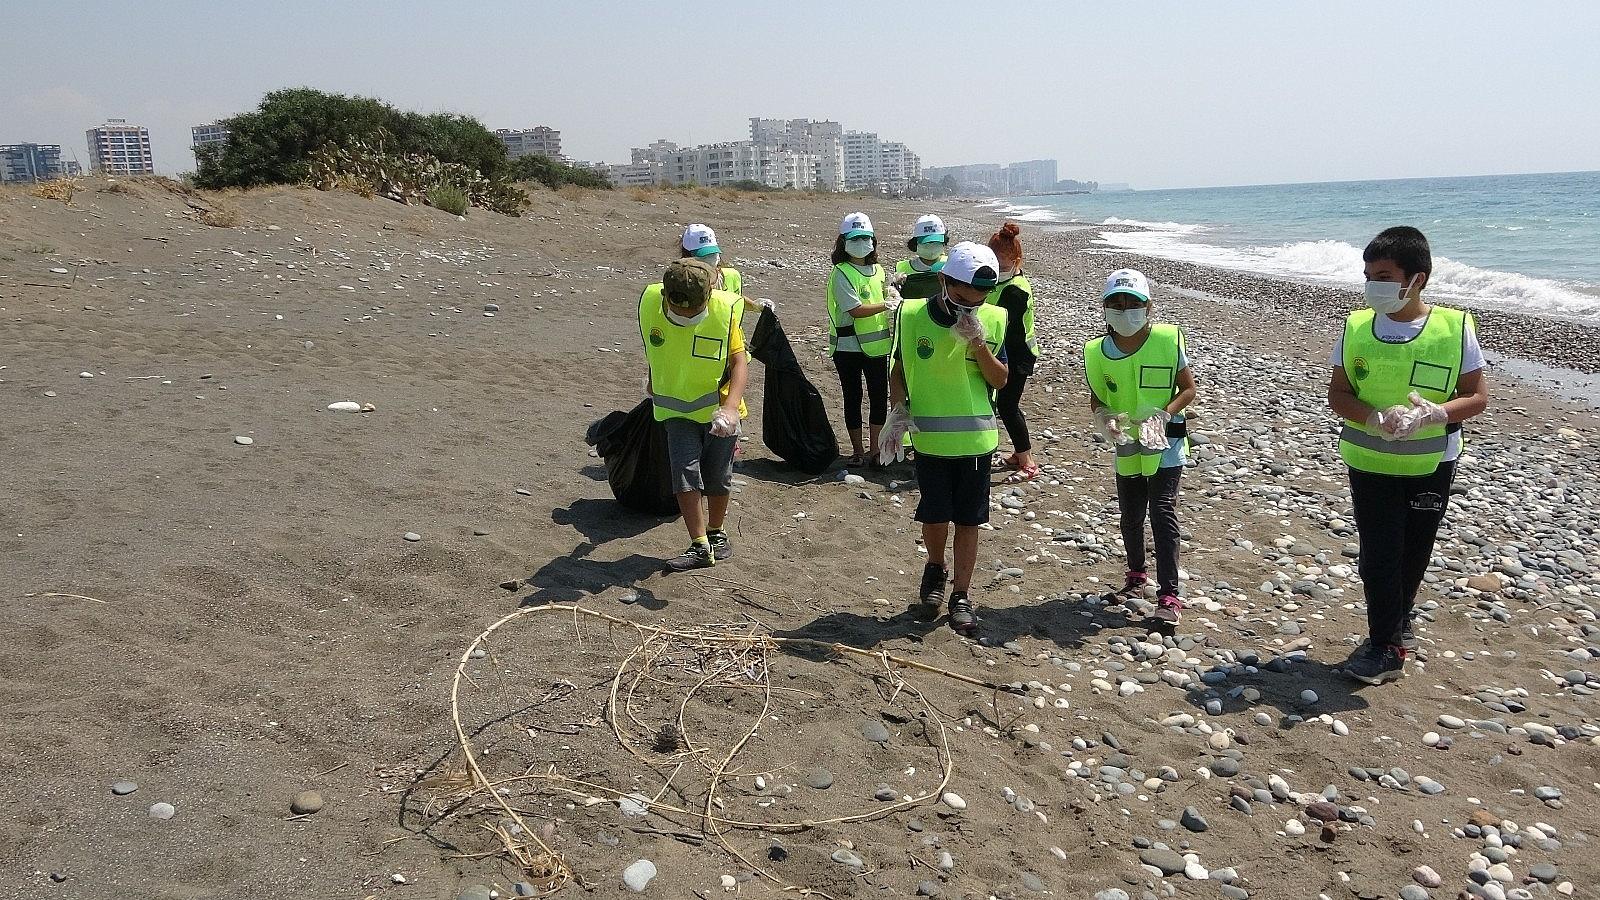 2021/06/mersinde-deniz-kaplumbagalari-ureme-alaninda-sahil-temizligi-20210610AW34-4.jpg